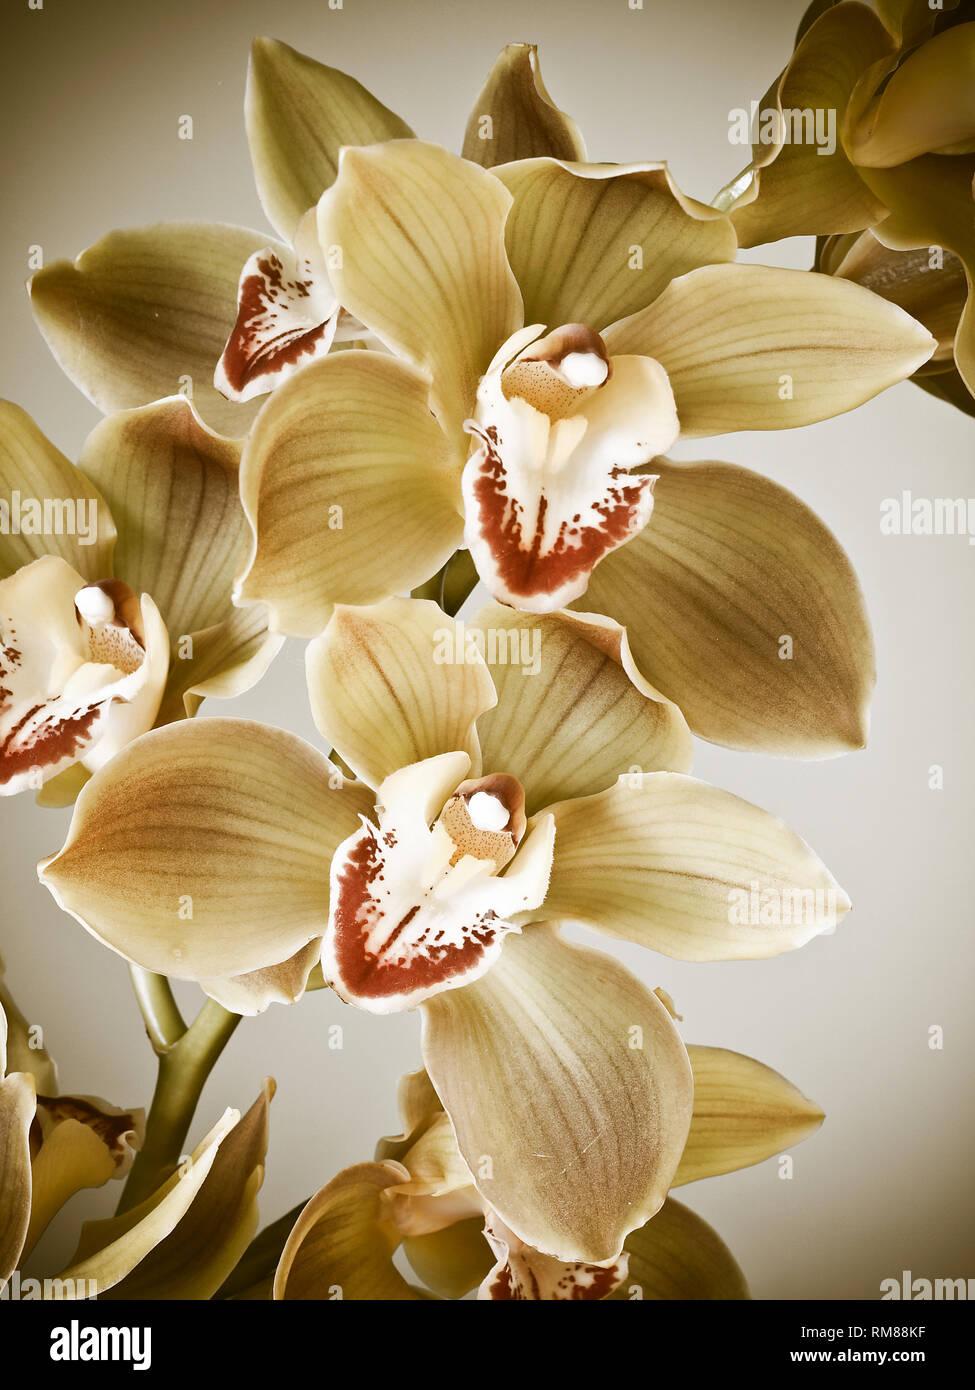 Freschi di fiori di cymbidium orchid Foto Stock